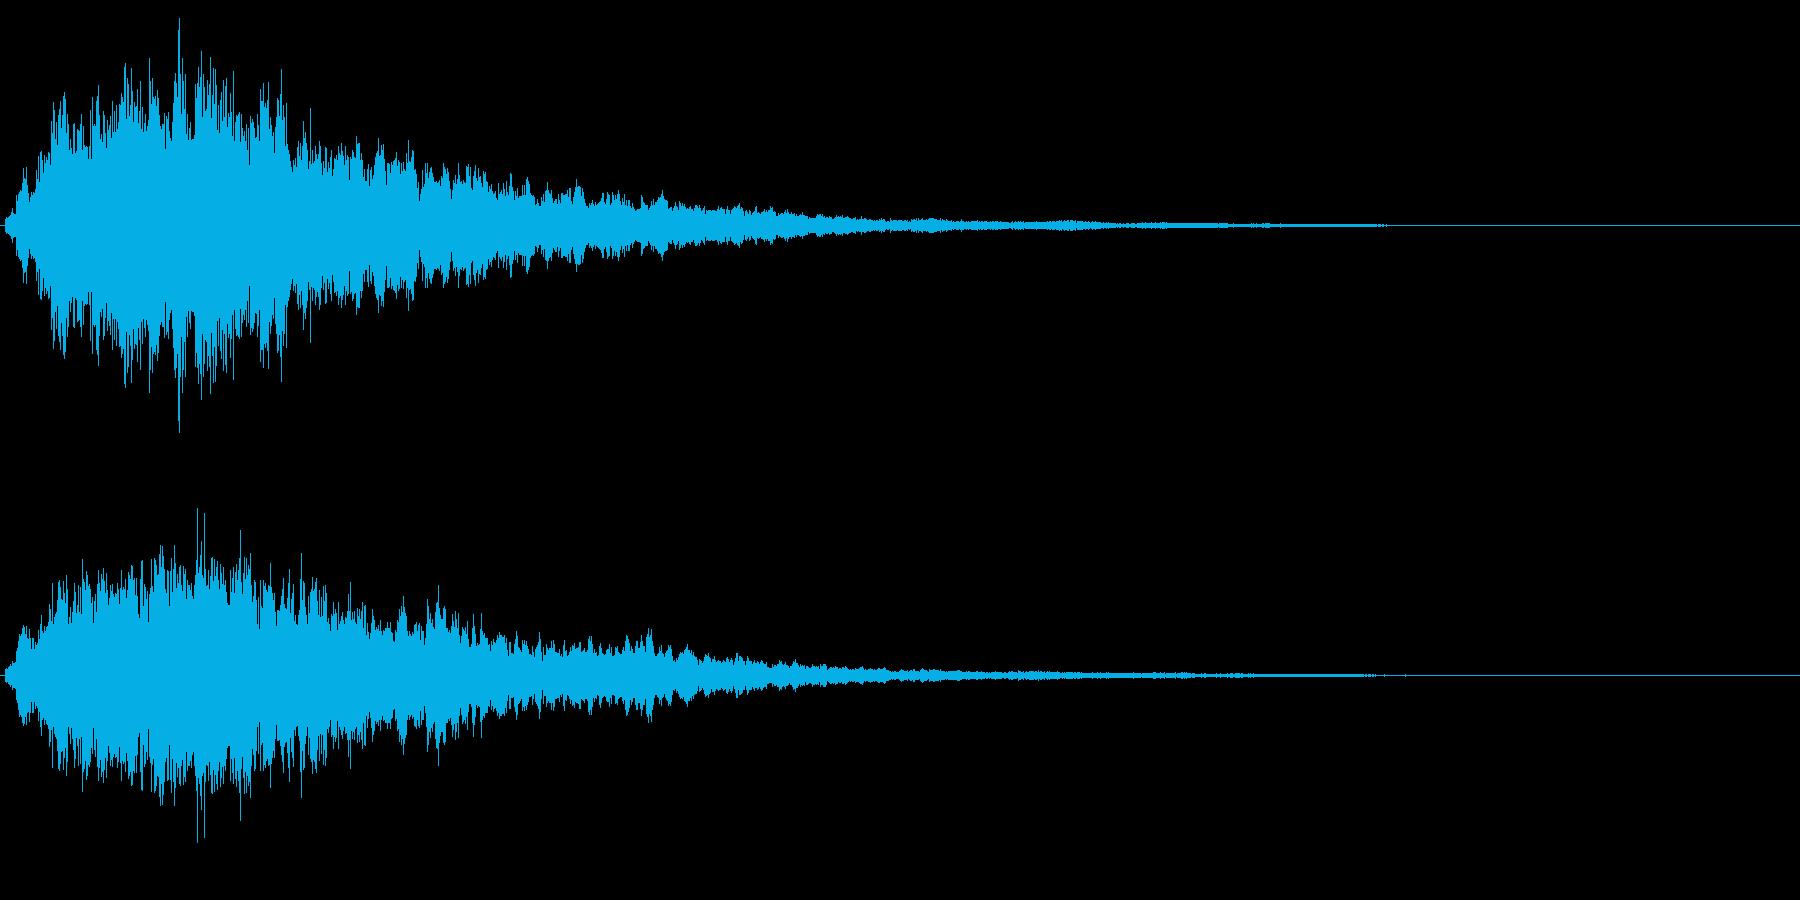 キラキラ輝く テロップ音 ボタン音 1bの再生済みの波形